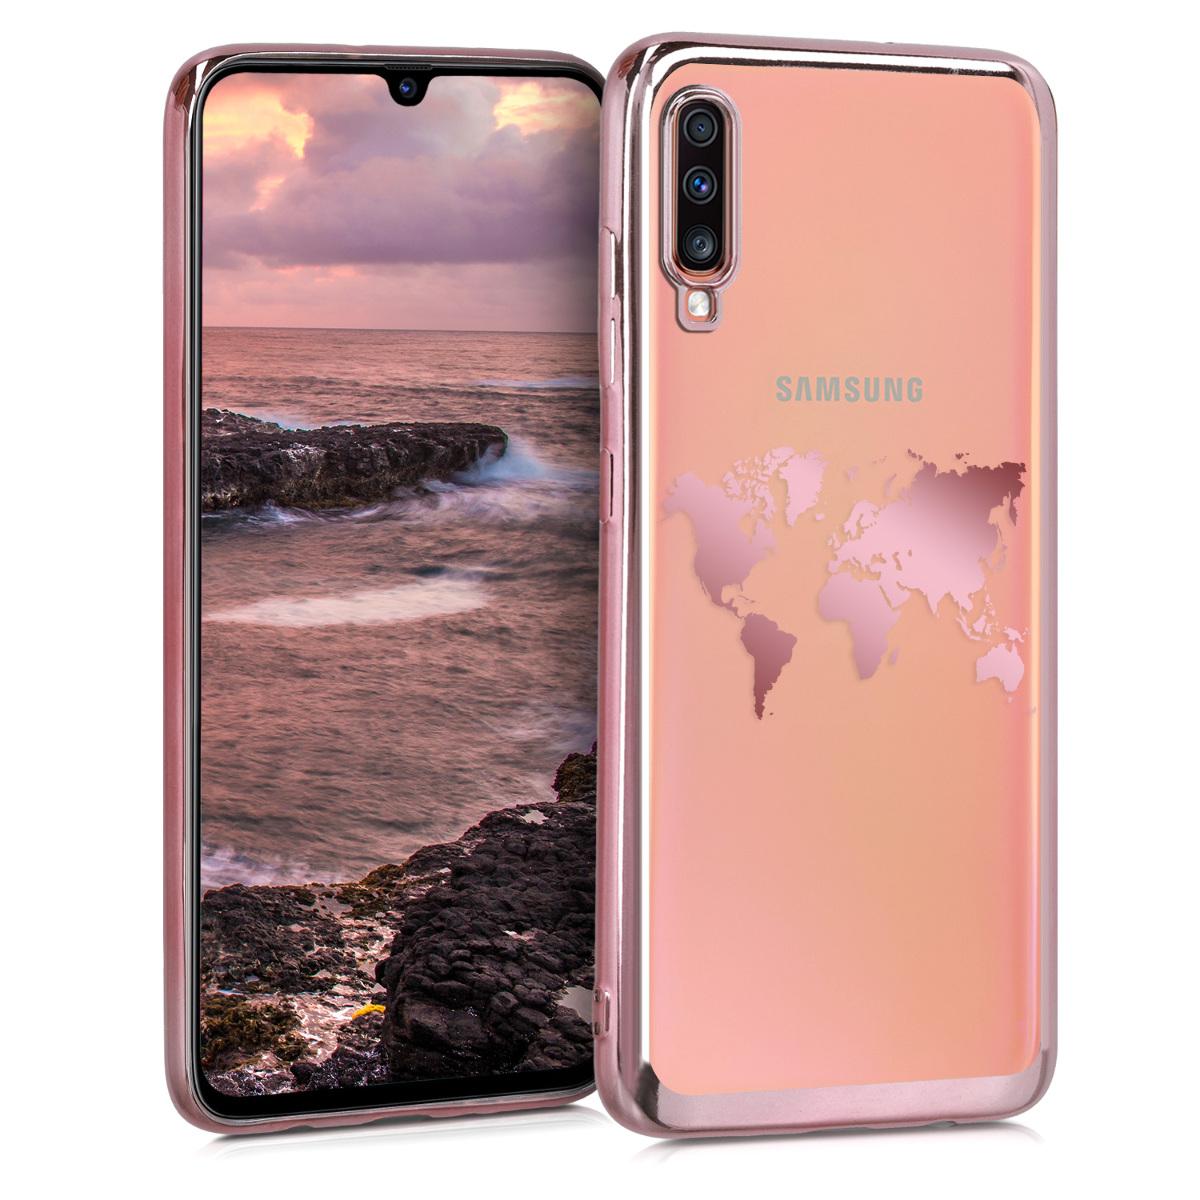 Kvalitní silikonové TPU pouzdro pro Samsung A70 - Travel Outline starorůžové rosegold / transparentní / starorůžové rosegold